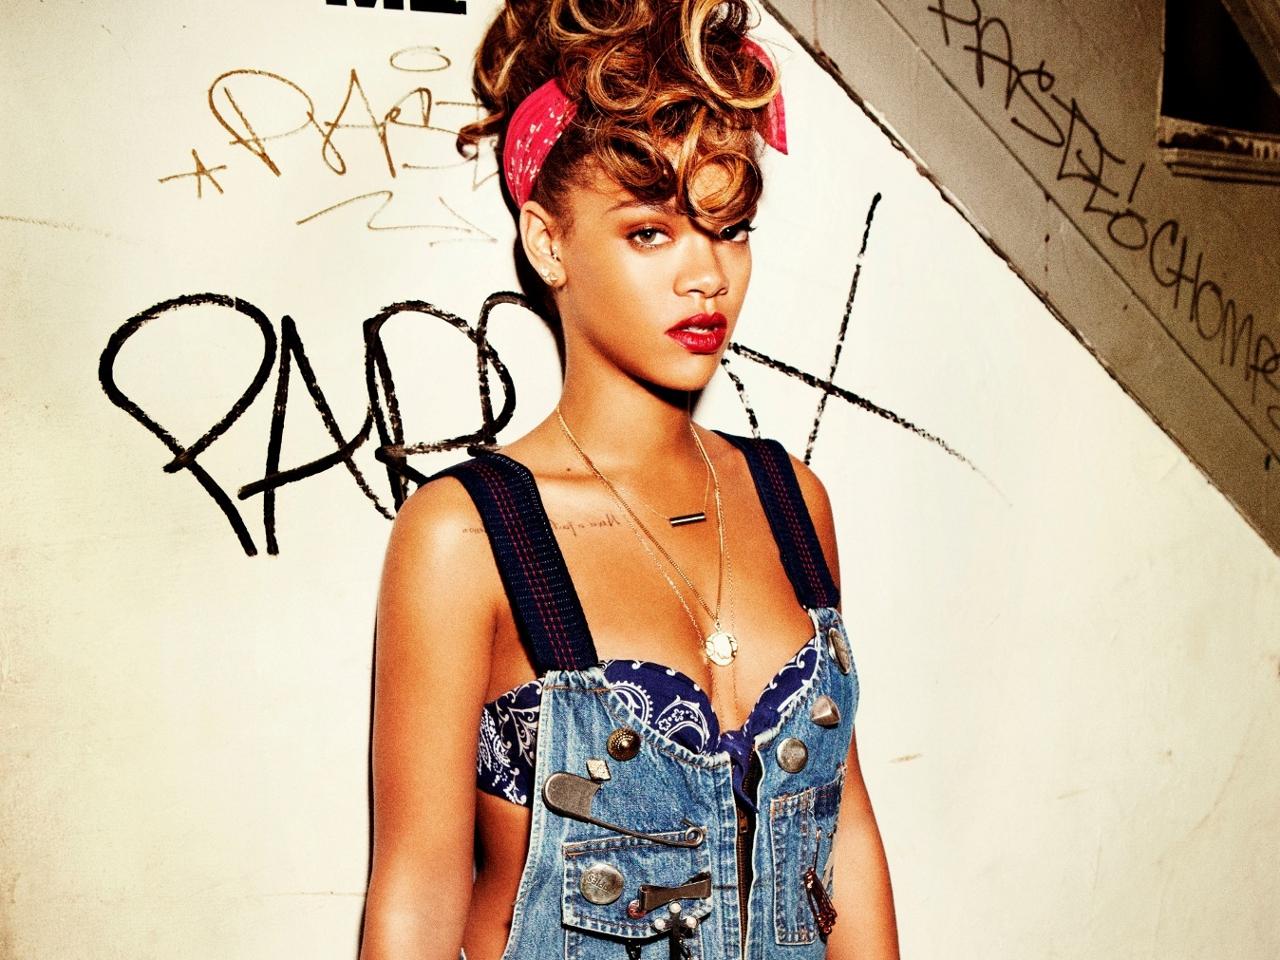 Talk That Talk Rihanna Rihanna Rihanna Talk That Talk